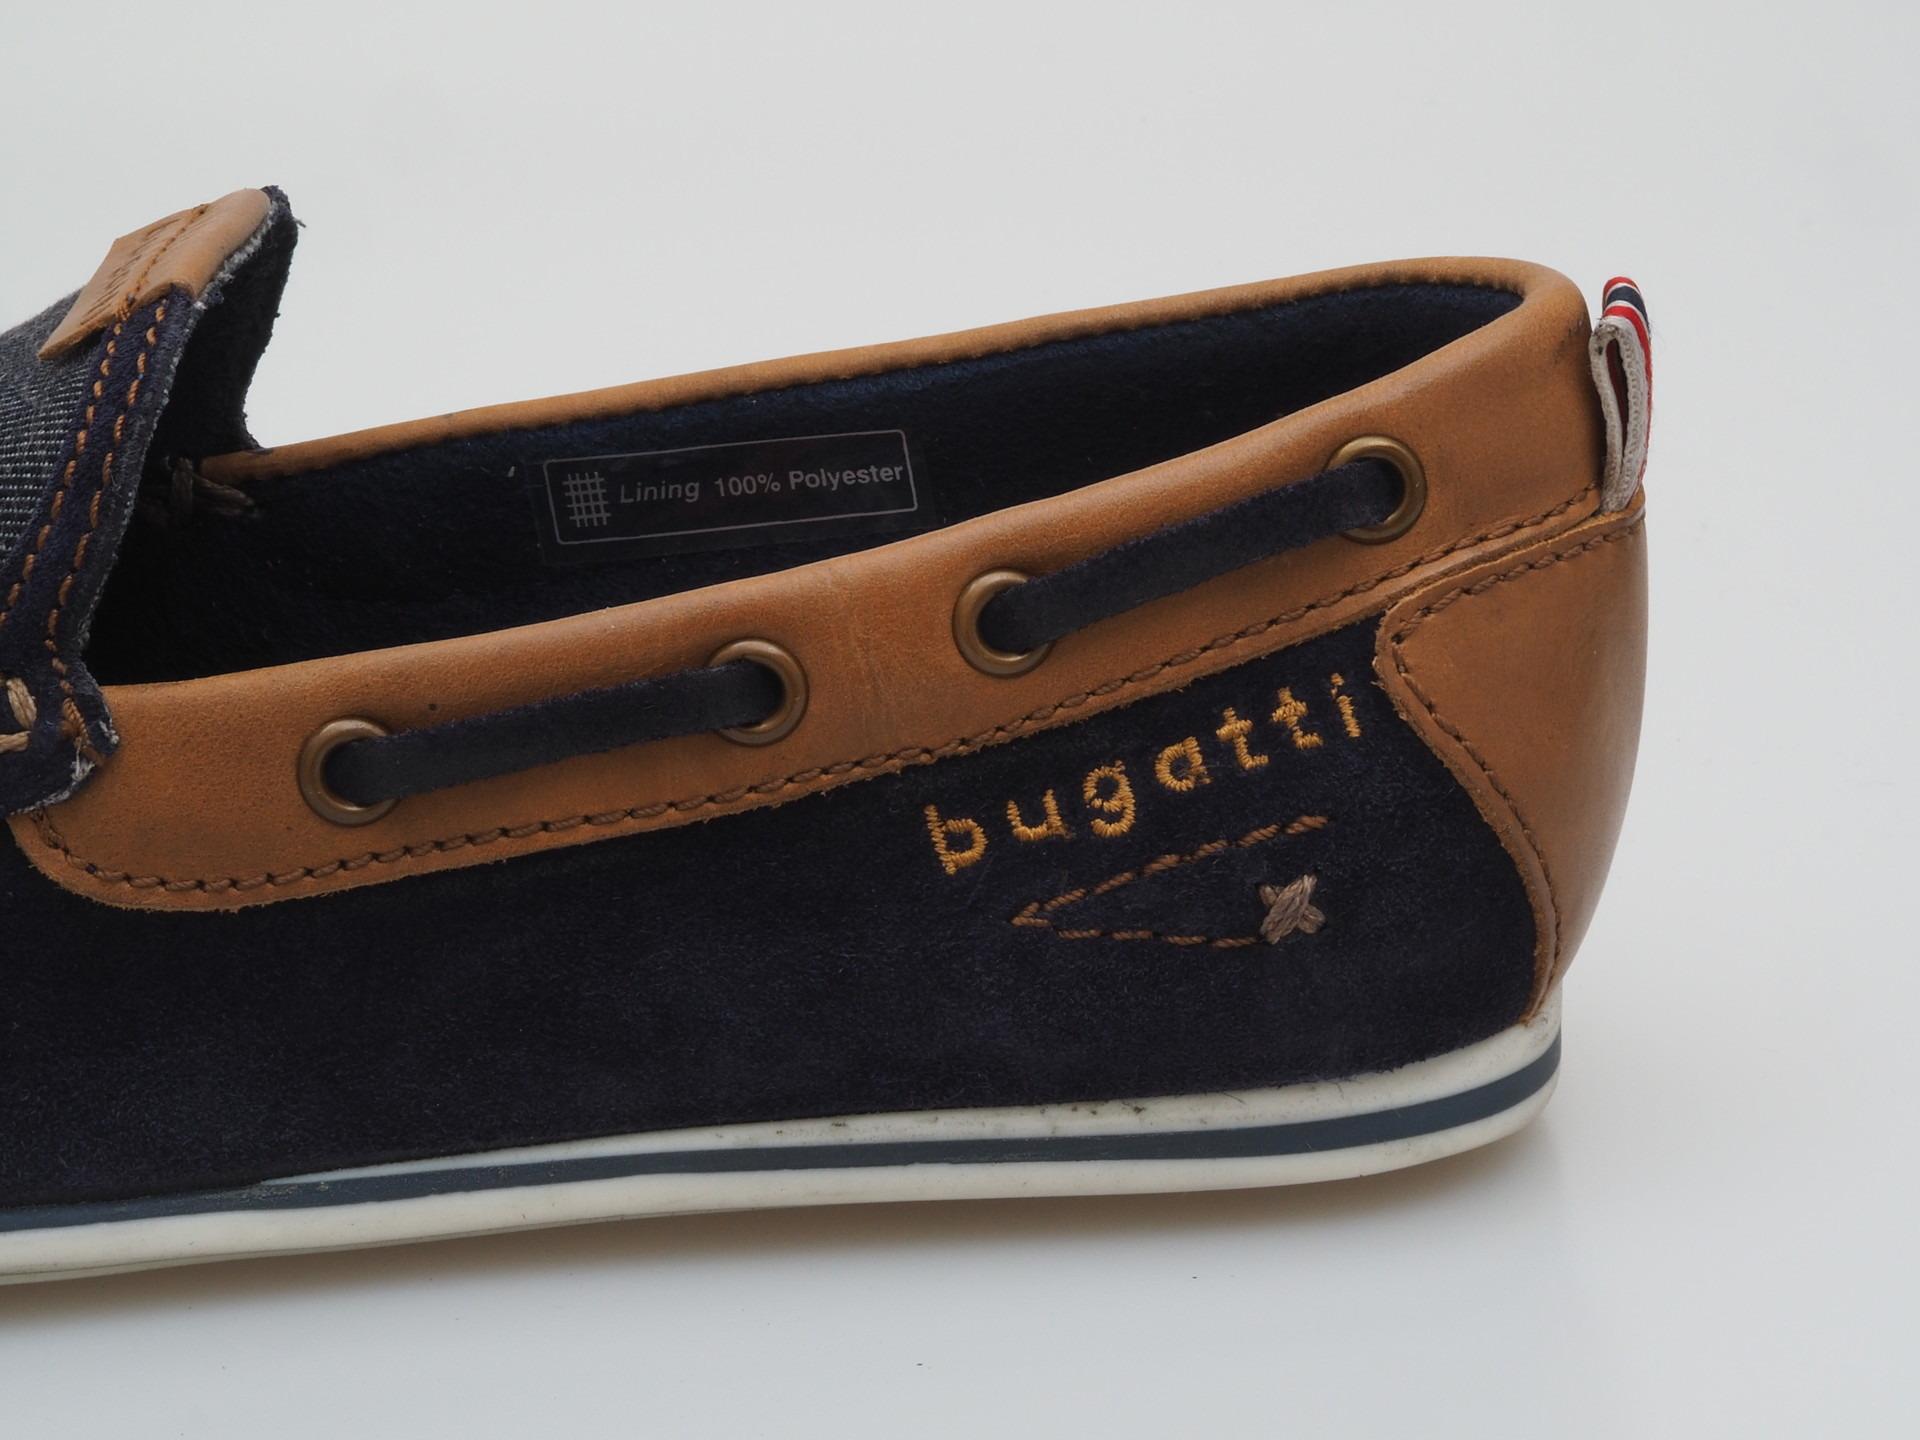 abdf2e08d2de Soňa - Pánska obuv - Mokasíny - Modrá pánska mokasína značky Bugatti